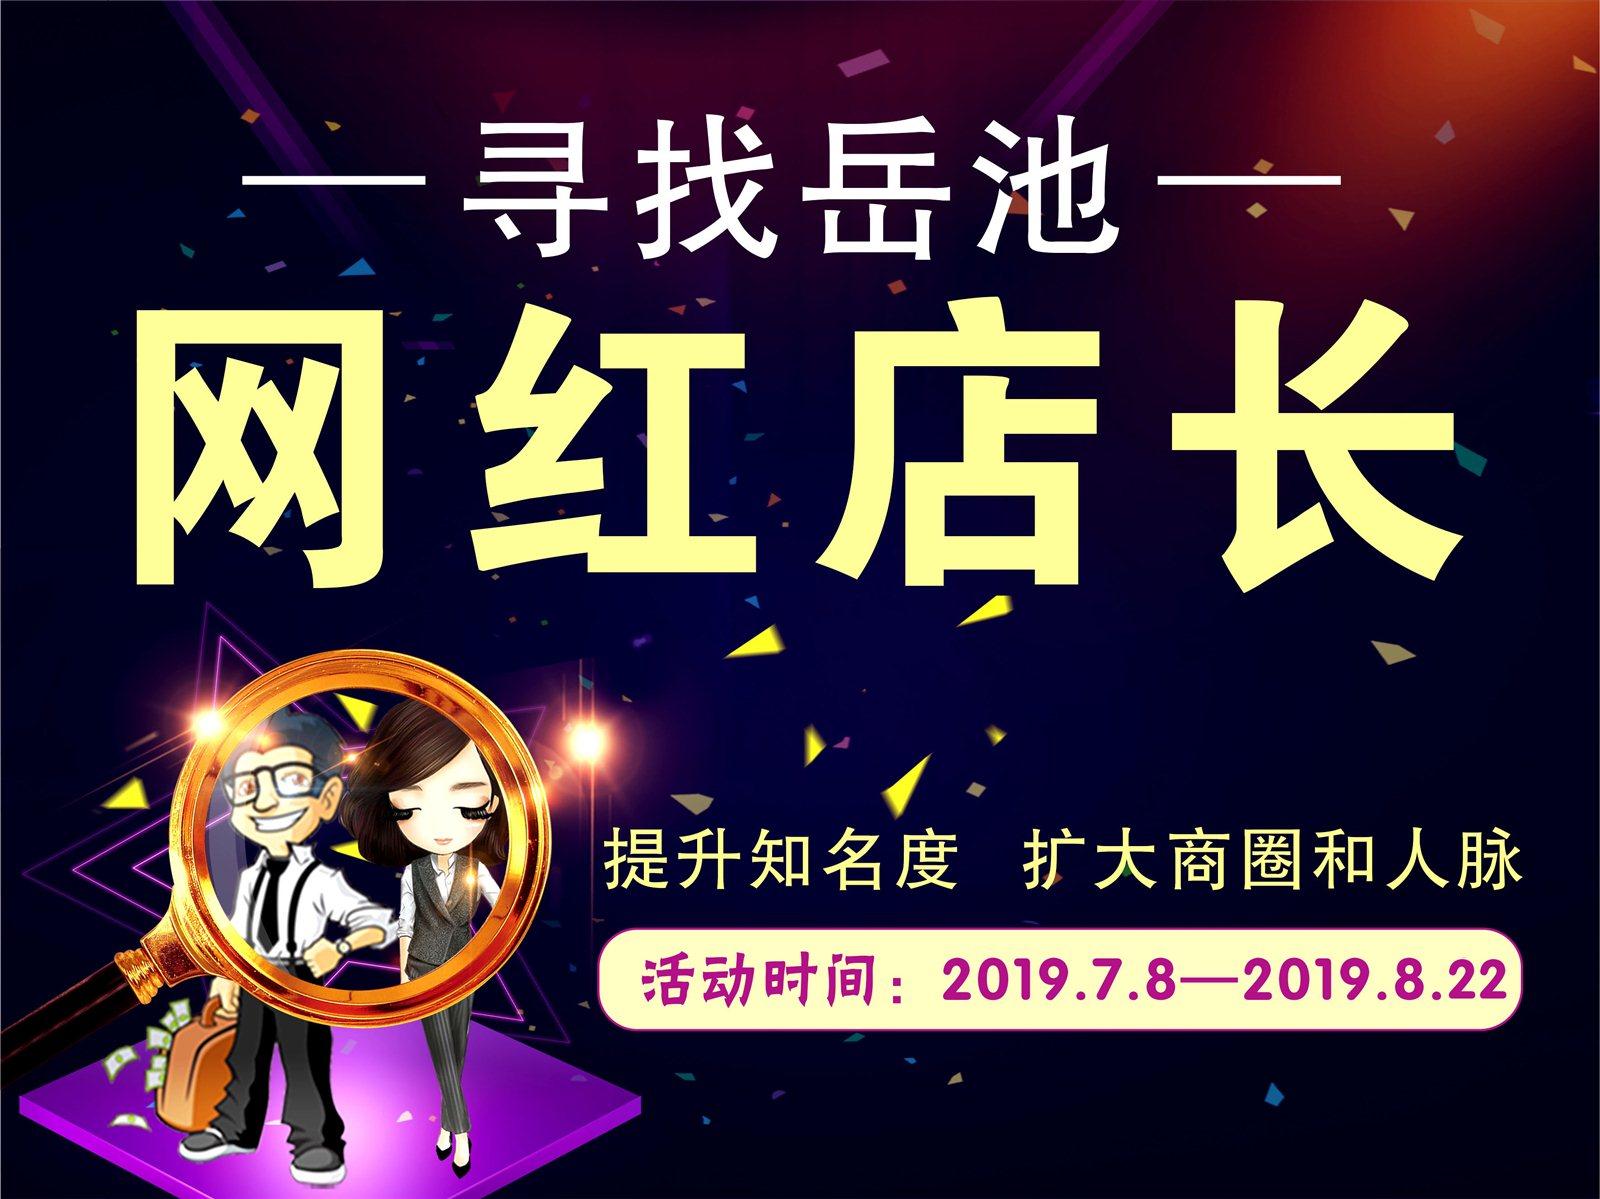 寻找亚博app官网,亚博竞彩下载网红店长